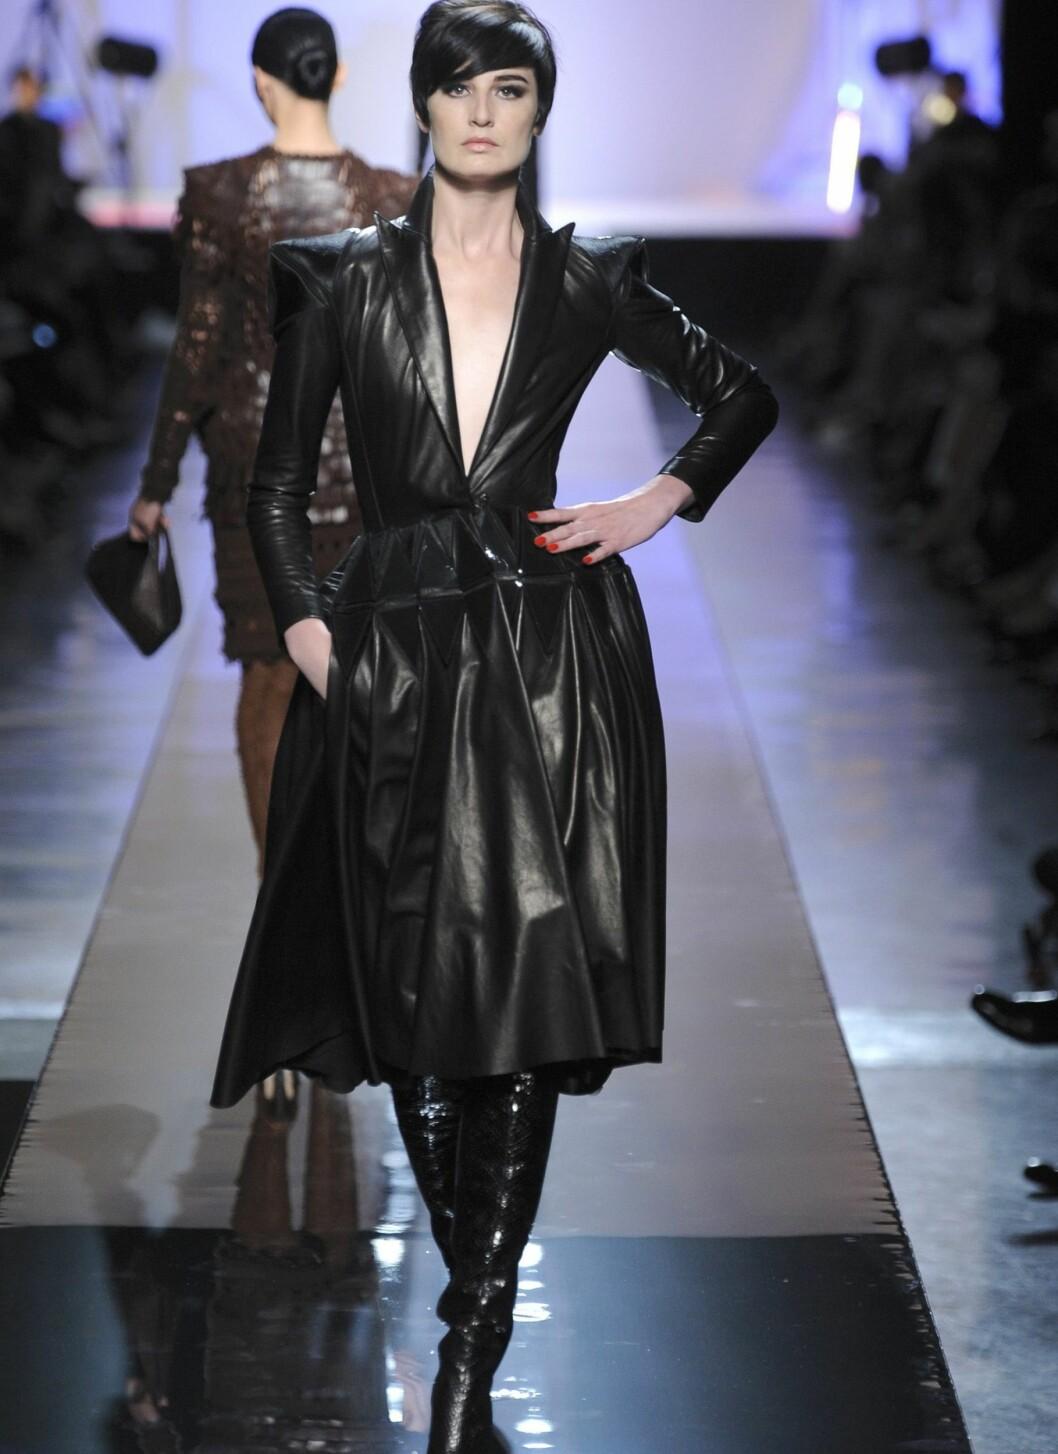 Smal og feminin silhuett kombinert med harde materialer som svart skinn gir den rette femme fatale-looken.  Foto: All Over PressAll Over Press